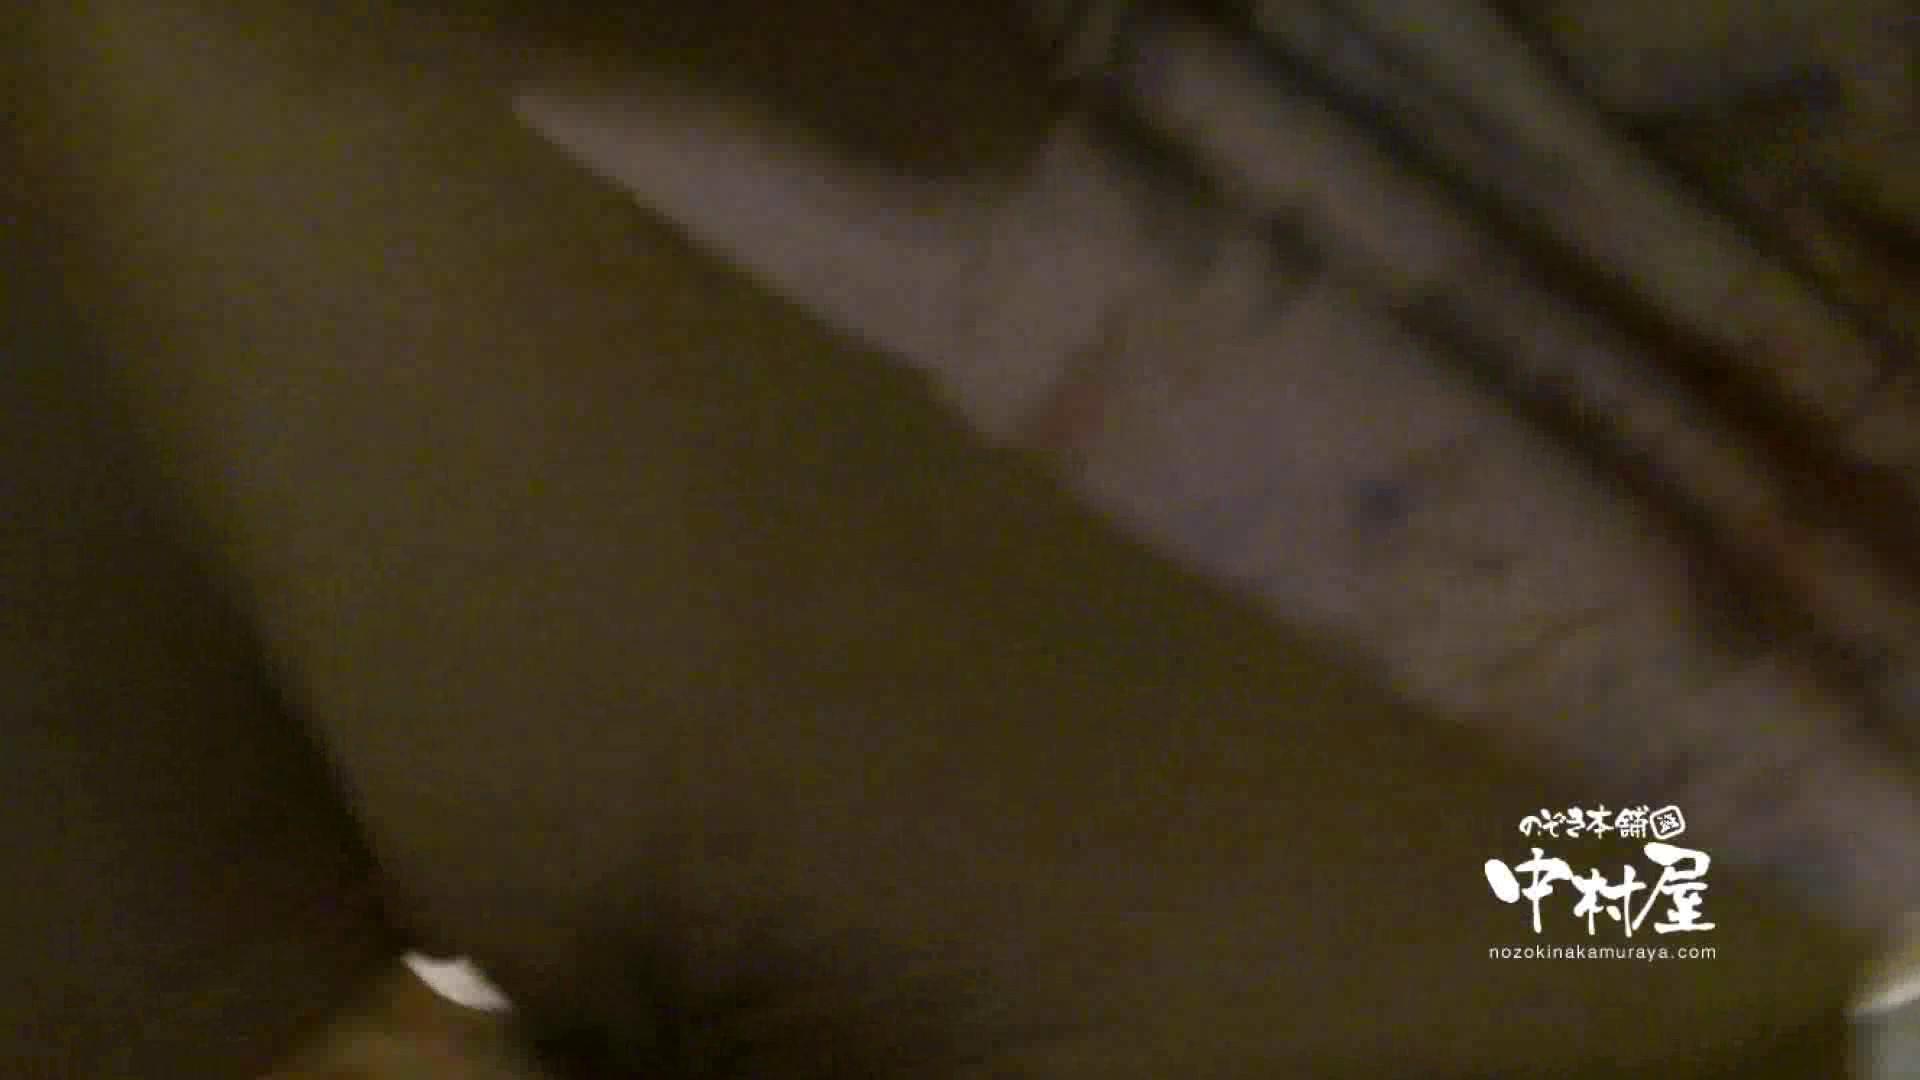 鬼畜 vol.17 中に出さないでください(アニメ声で懇願) 前編 セックス  89枚 10